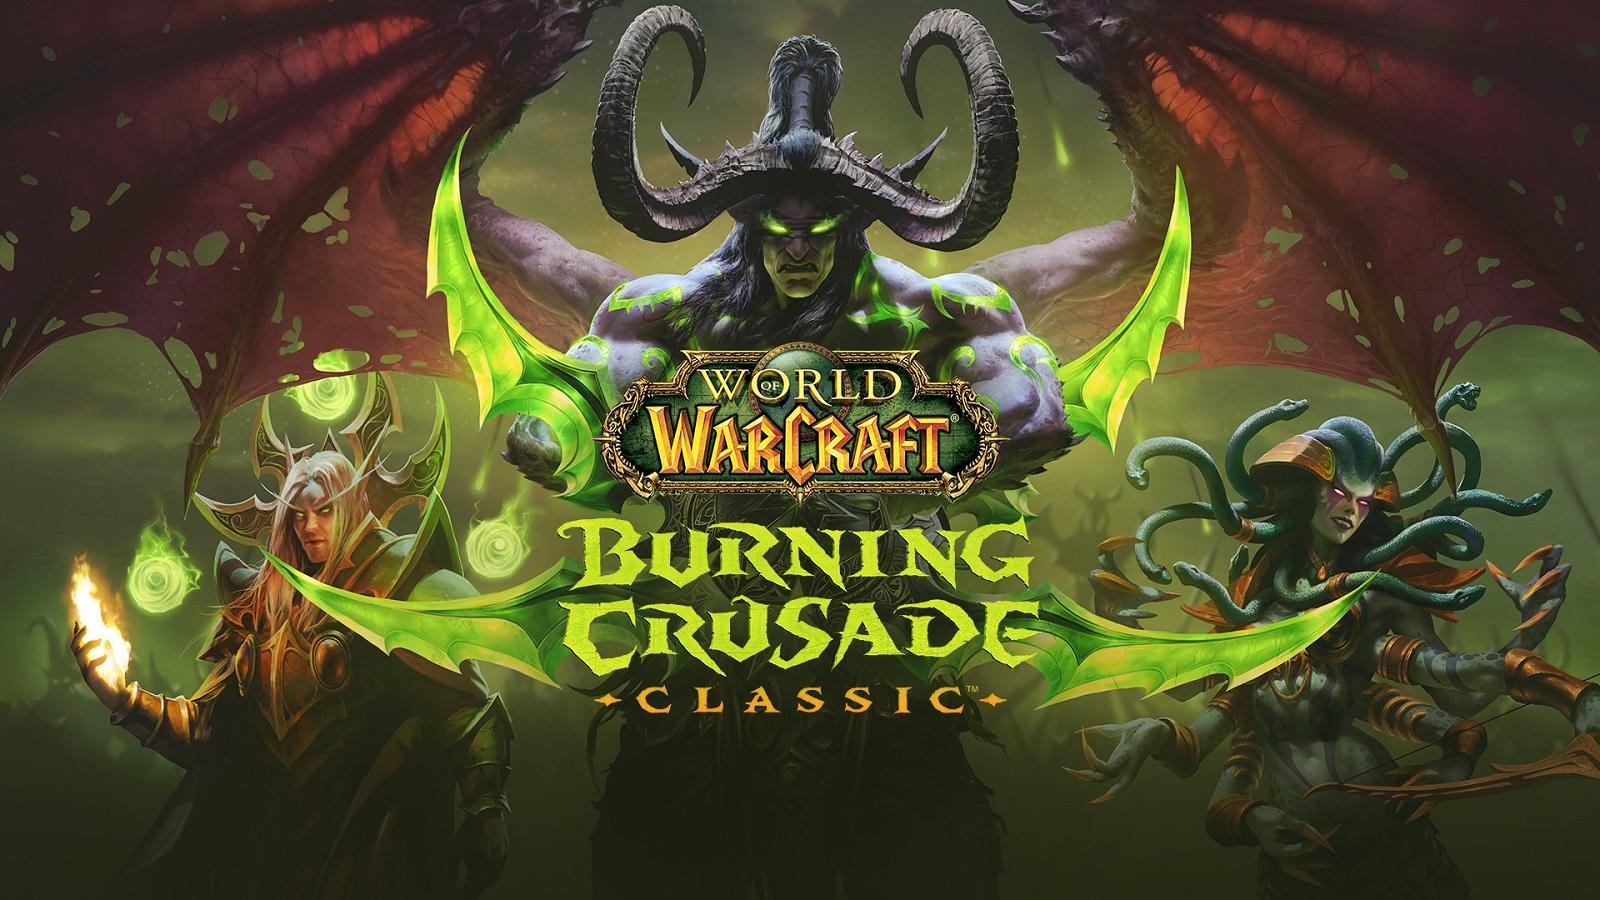 Официально: запуск расширения World of Warcraft: Burning Crusade Classic состоится в ночь с 1 на 2 июня